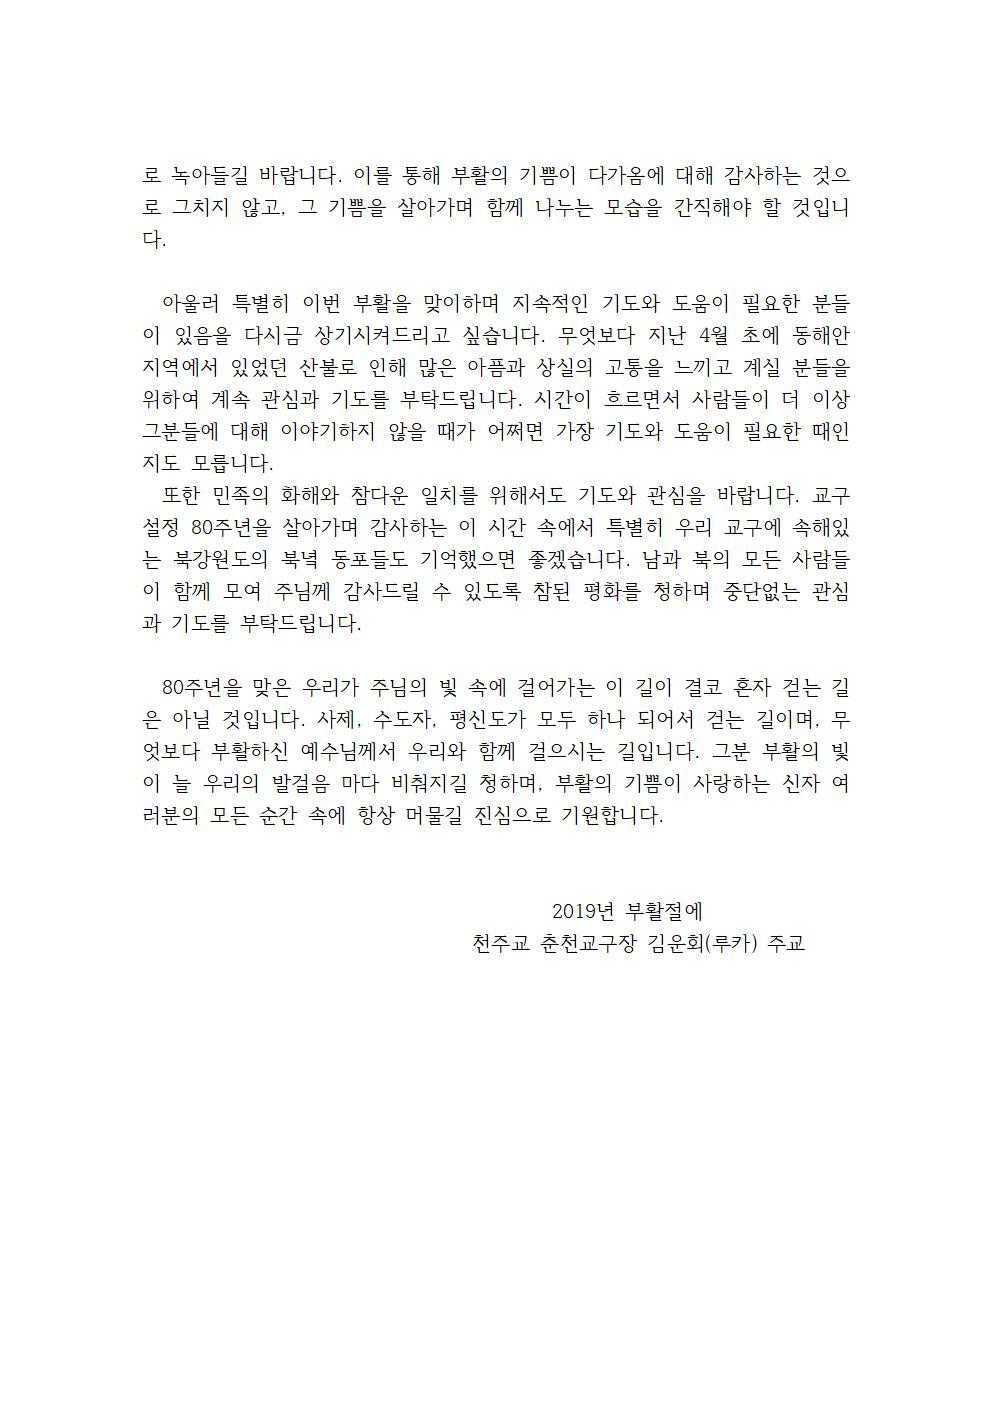 2019년 천주교 춘천교구 부활메시지002.jpg